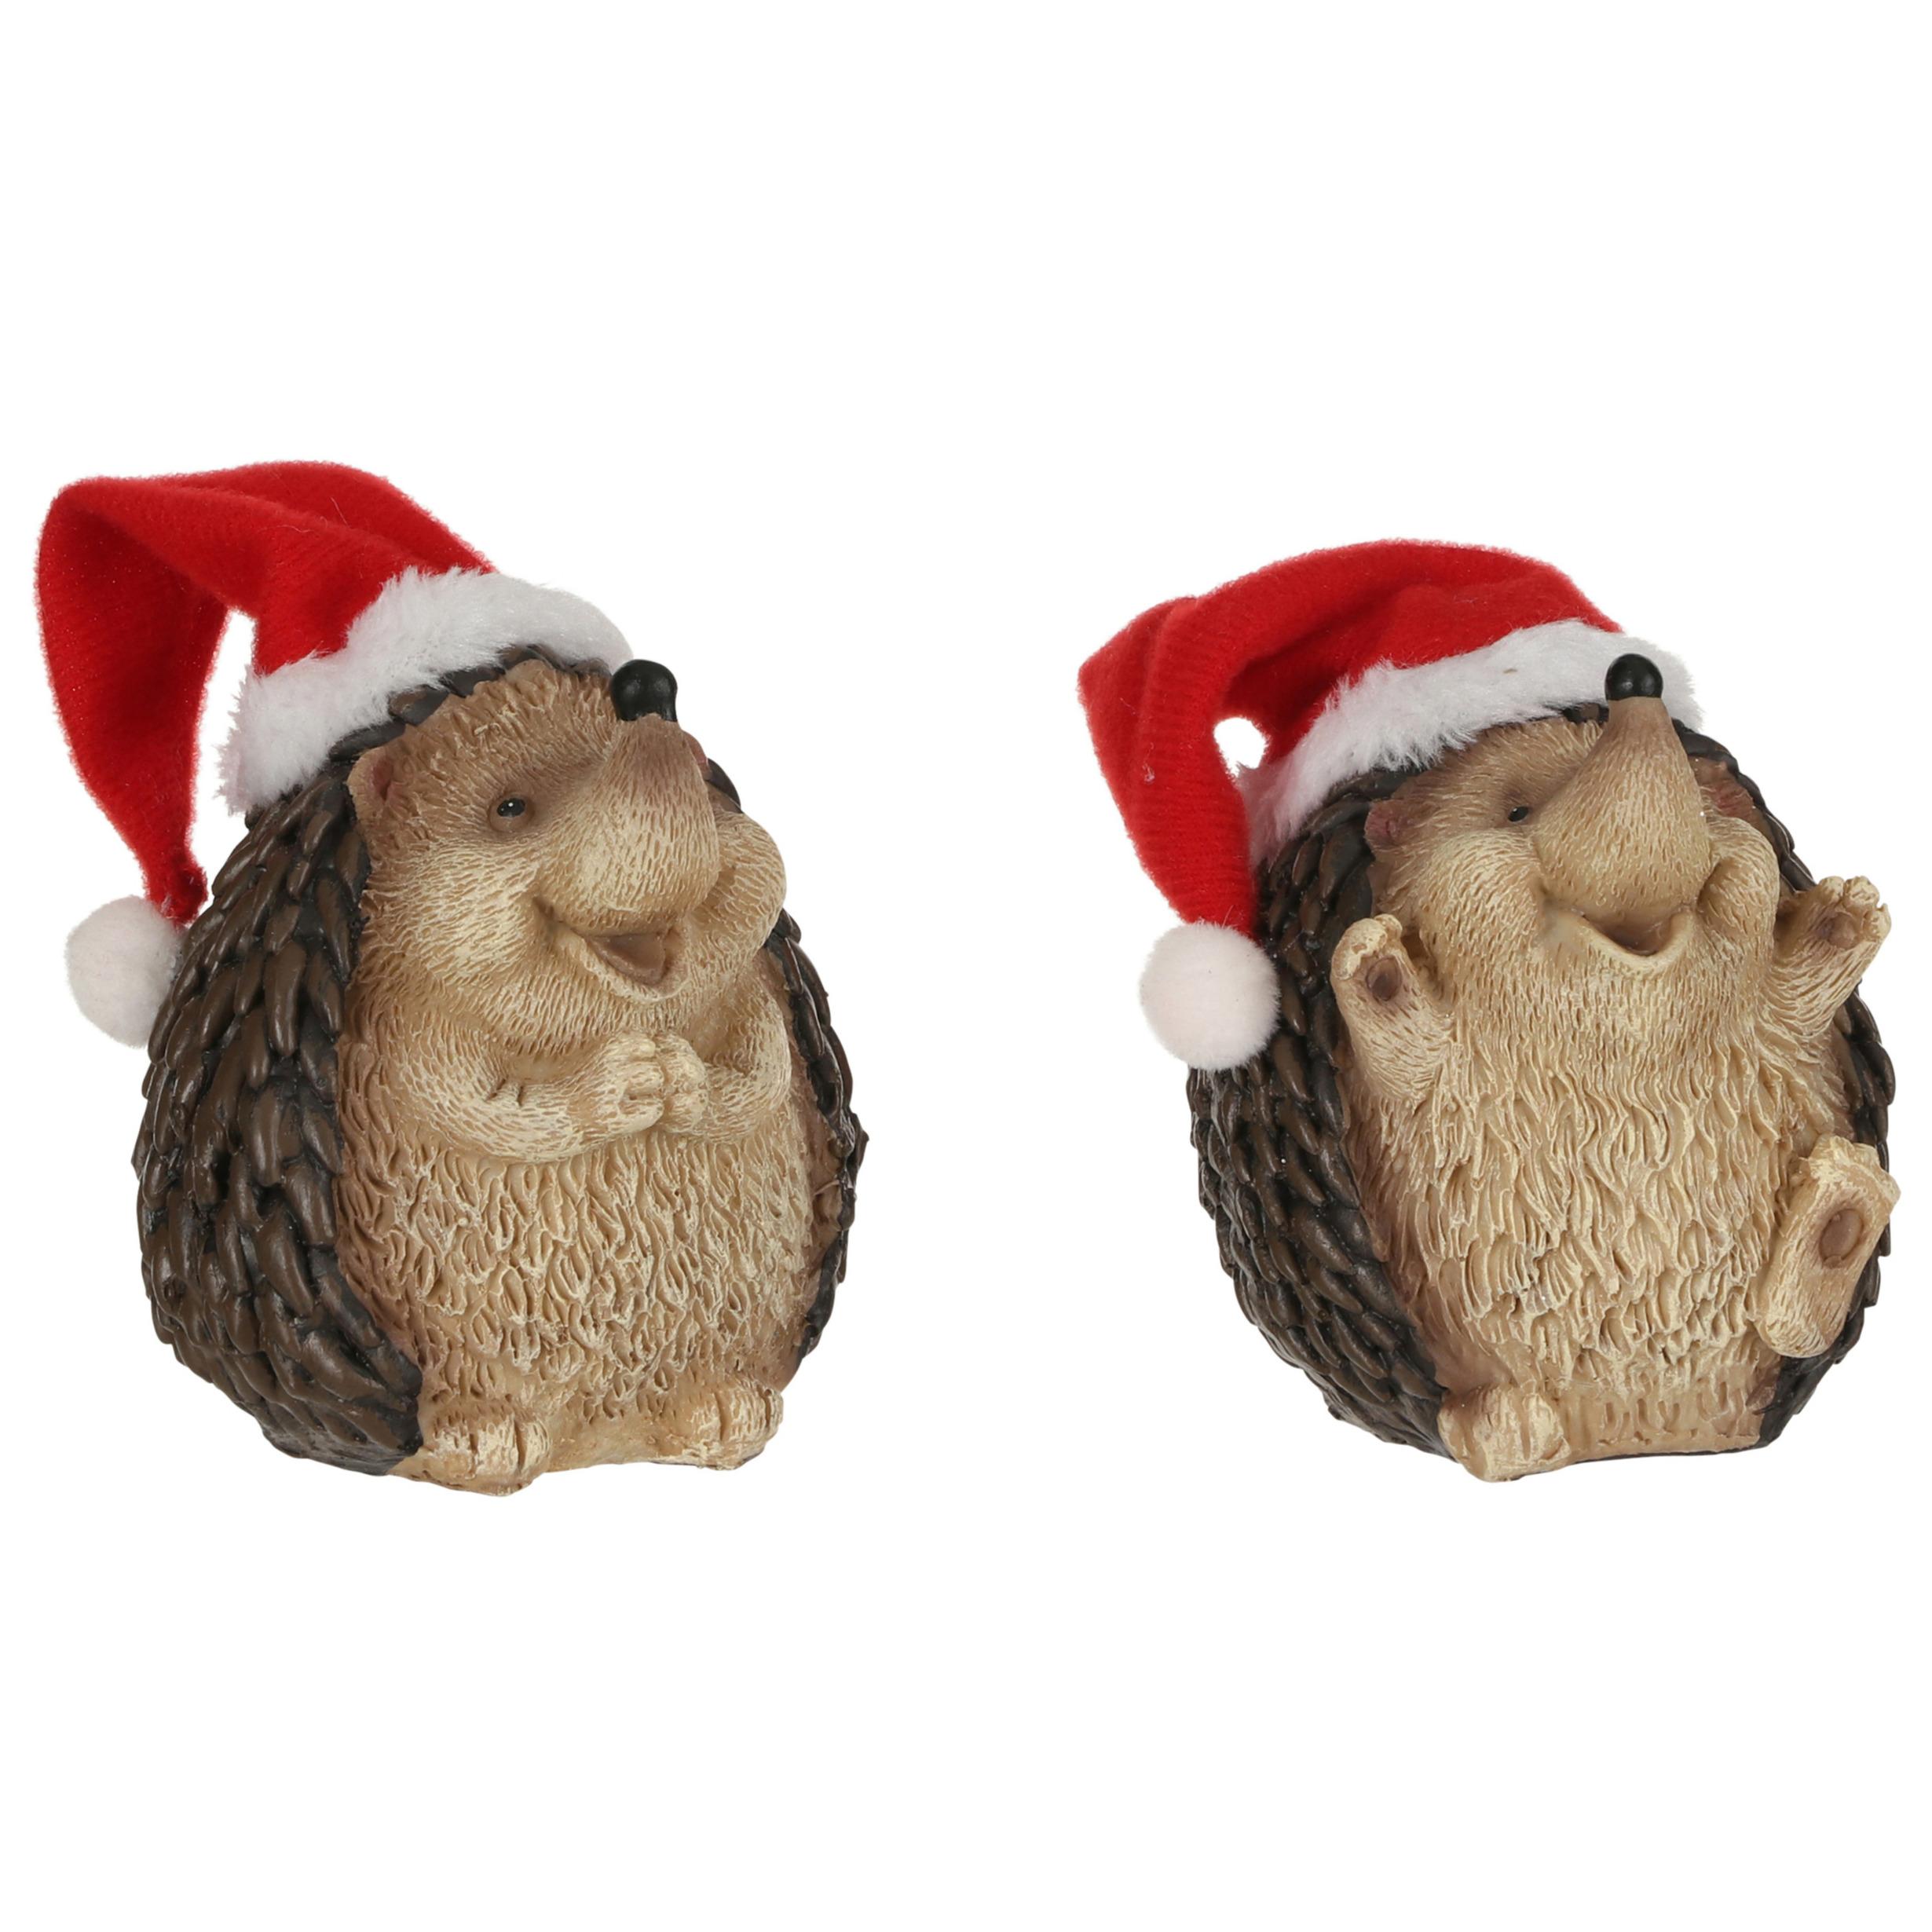 2x Dierenbeeldjes egels met kerstmuts kerstdecoraties 9 cm